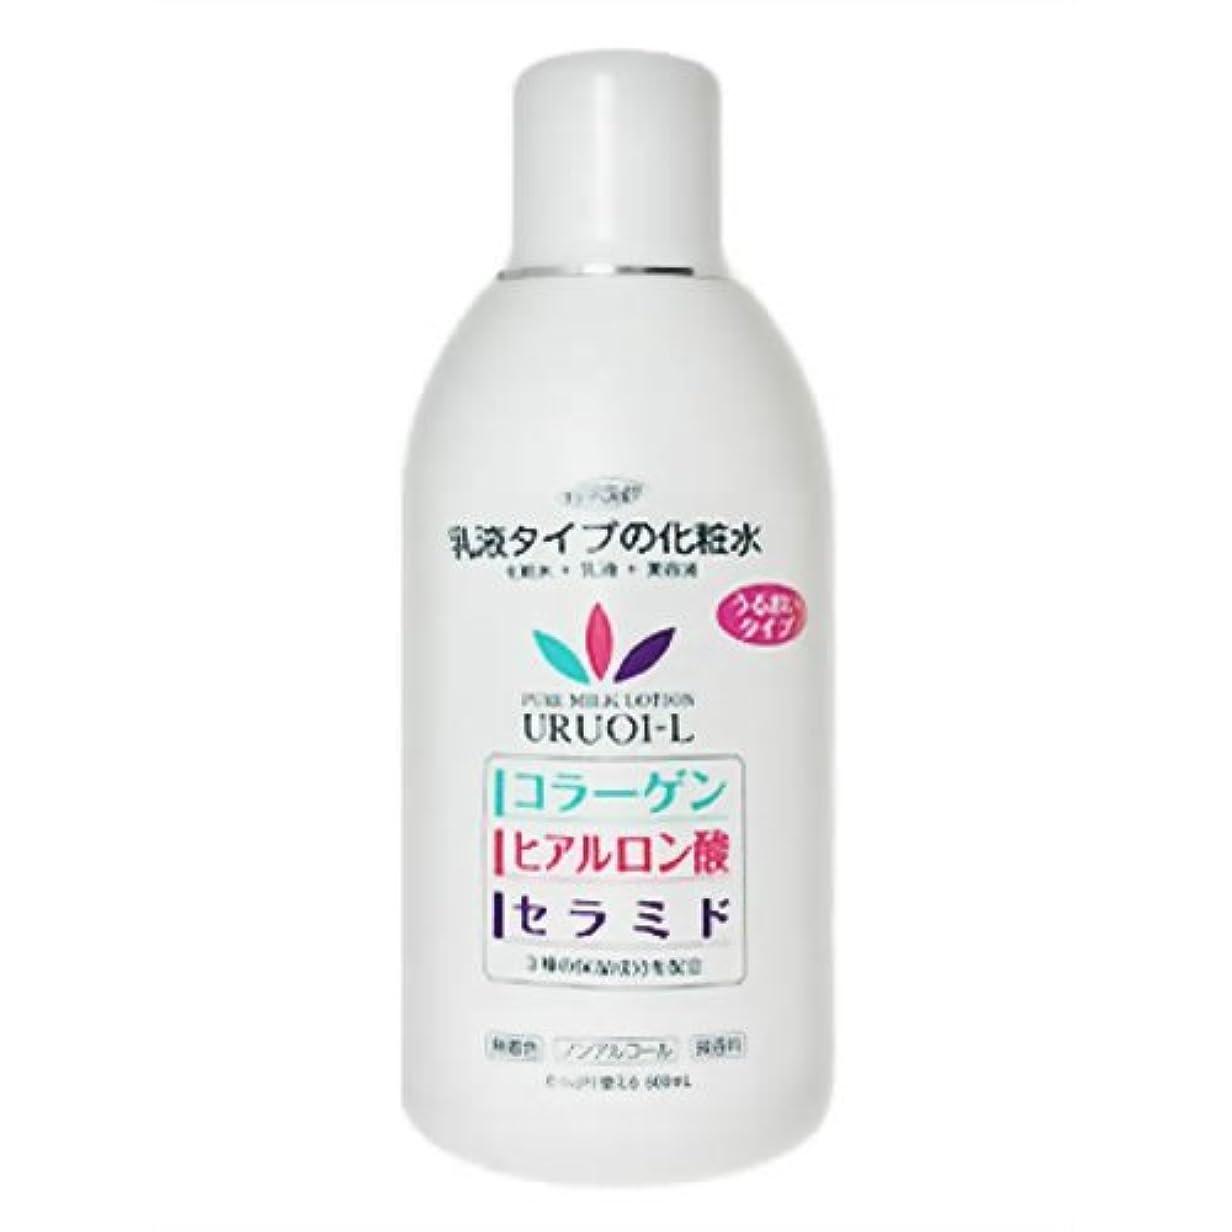 乳液タイプの化粧水 うるおい 500ml×6個セット